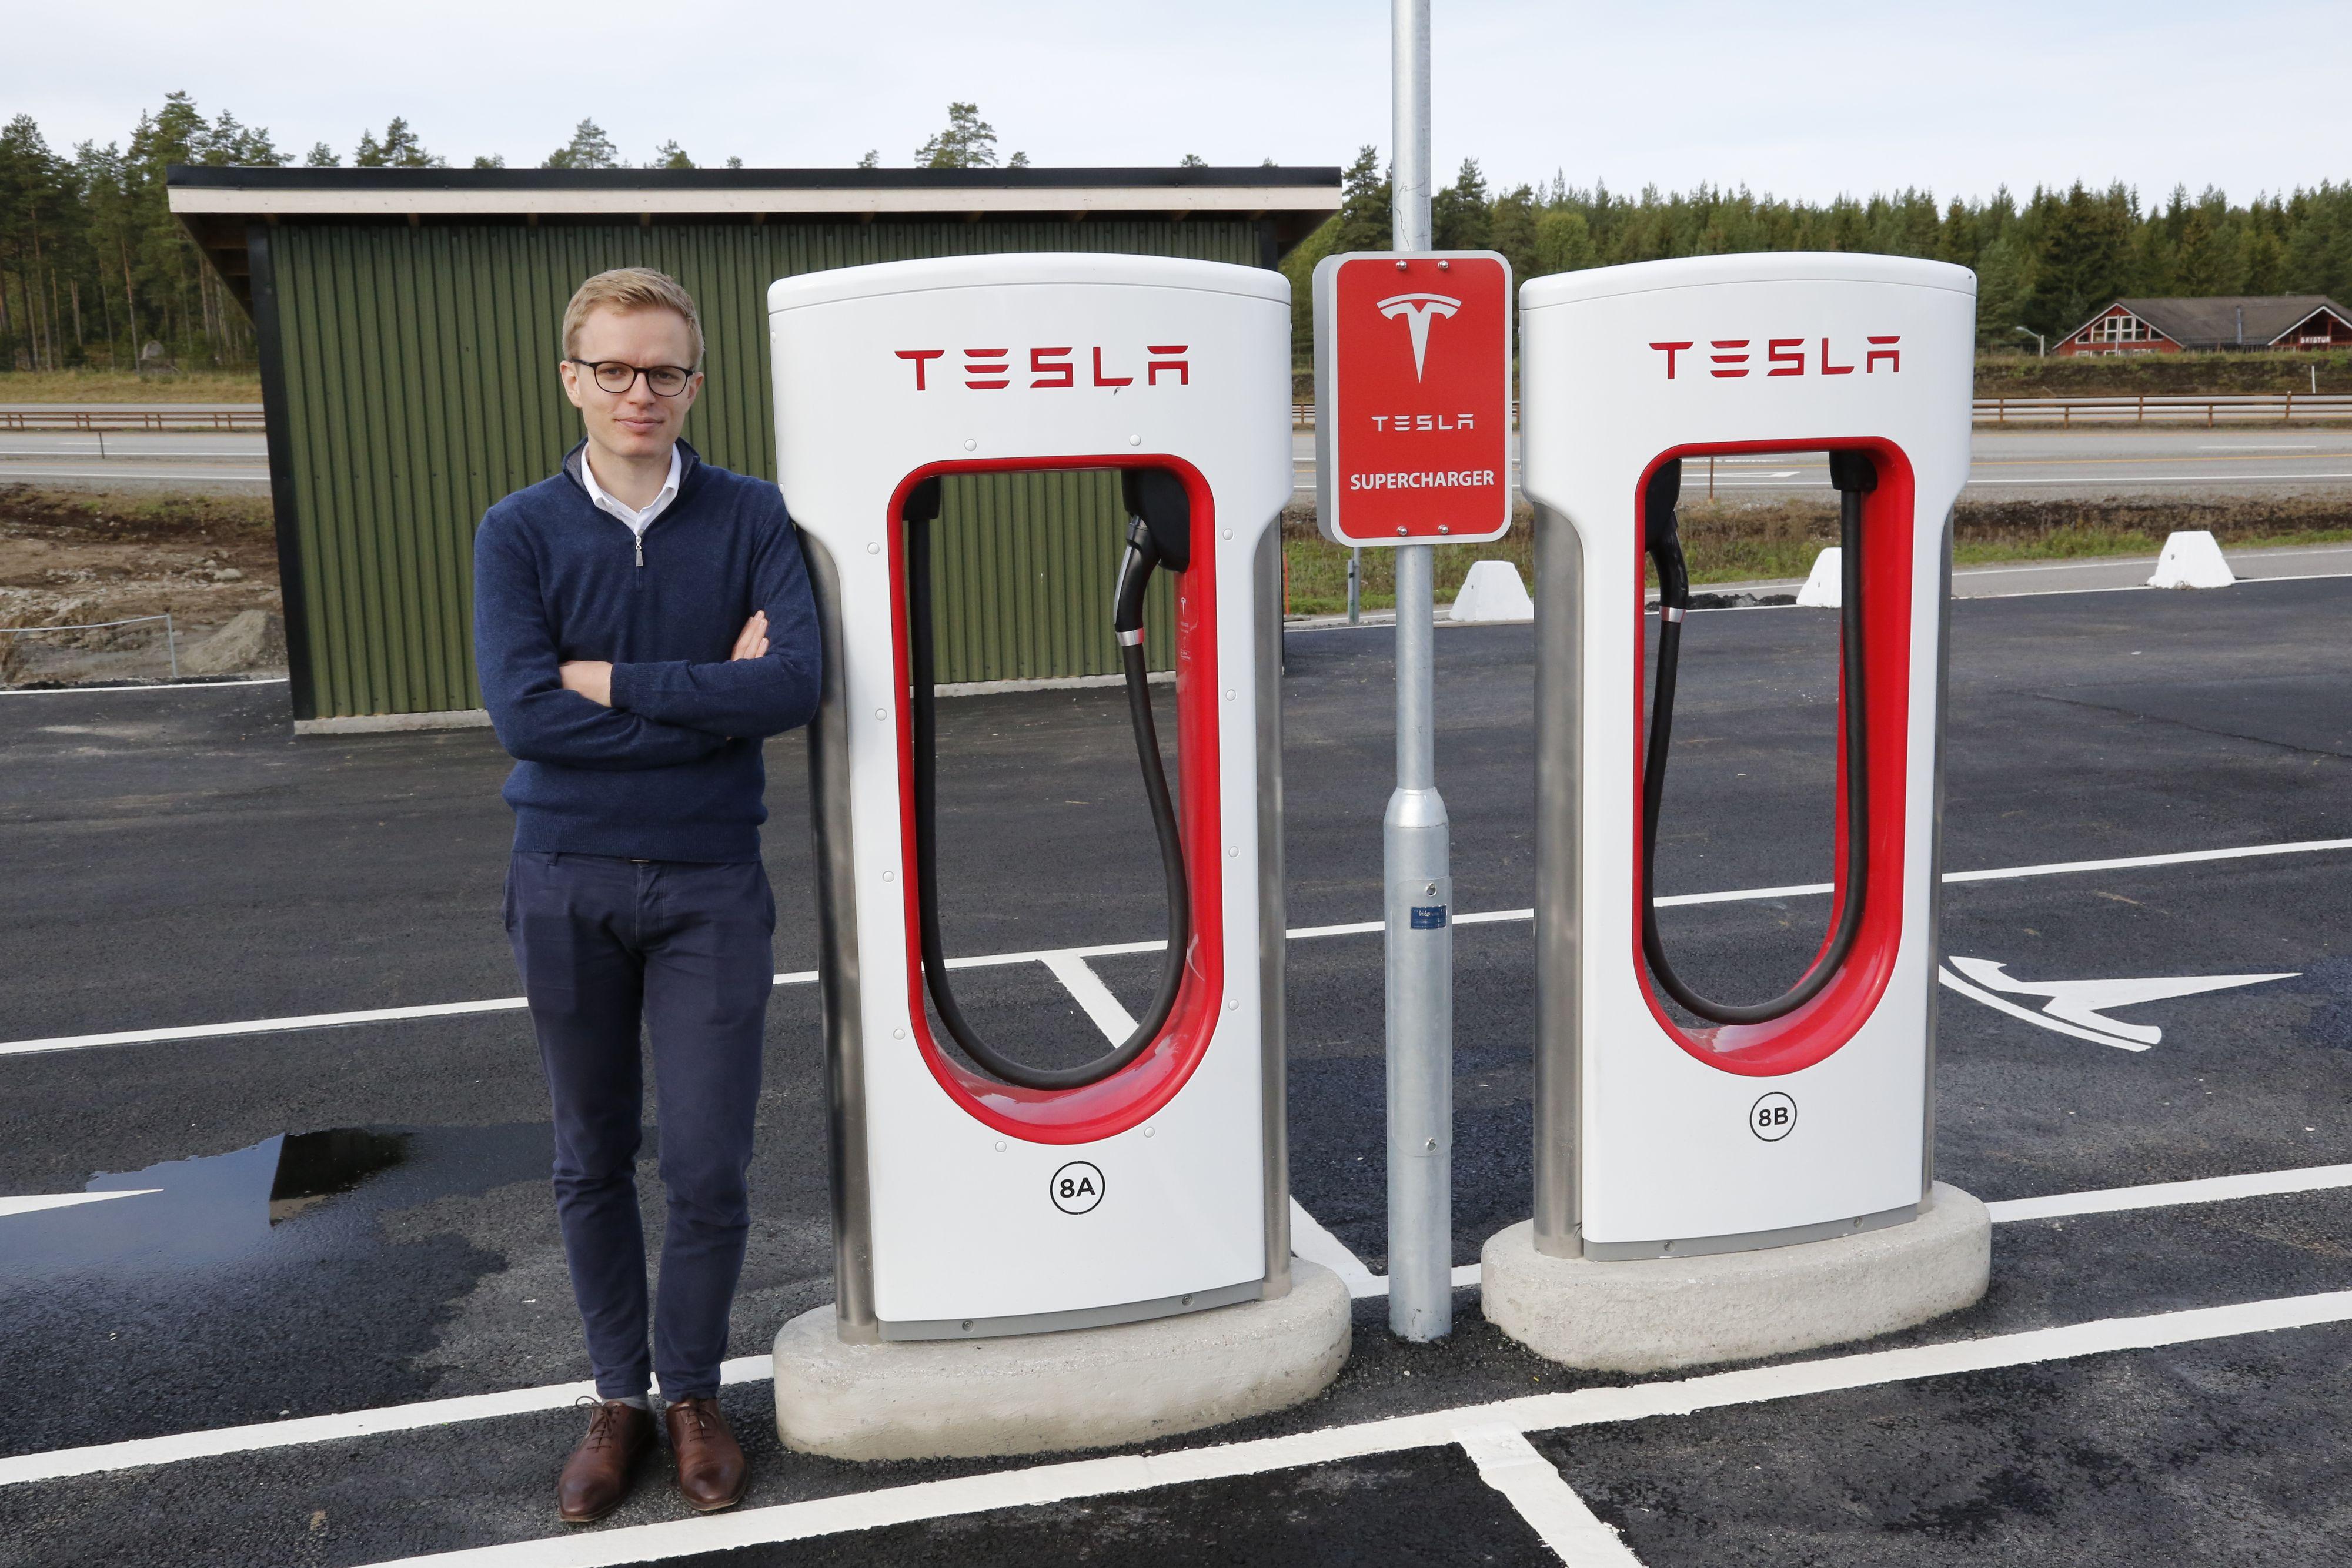 Kommunikasjonssjef Even Sandvold Roland i Tesla sier kunder som bestiller til dagens priser ikke vil bli påvirket av en prisøkning.